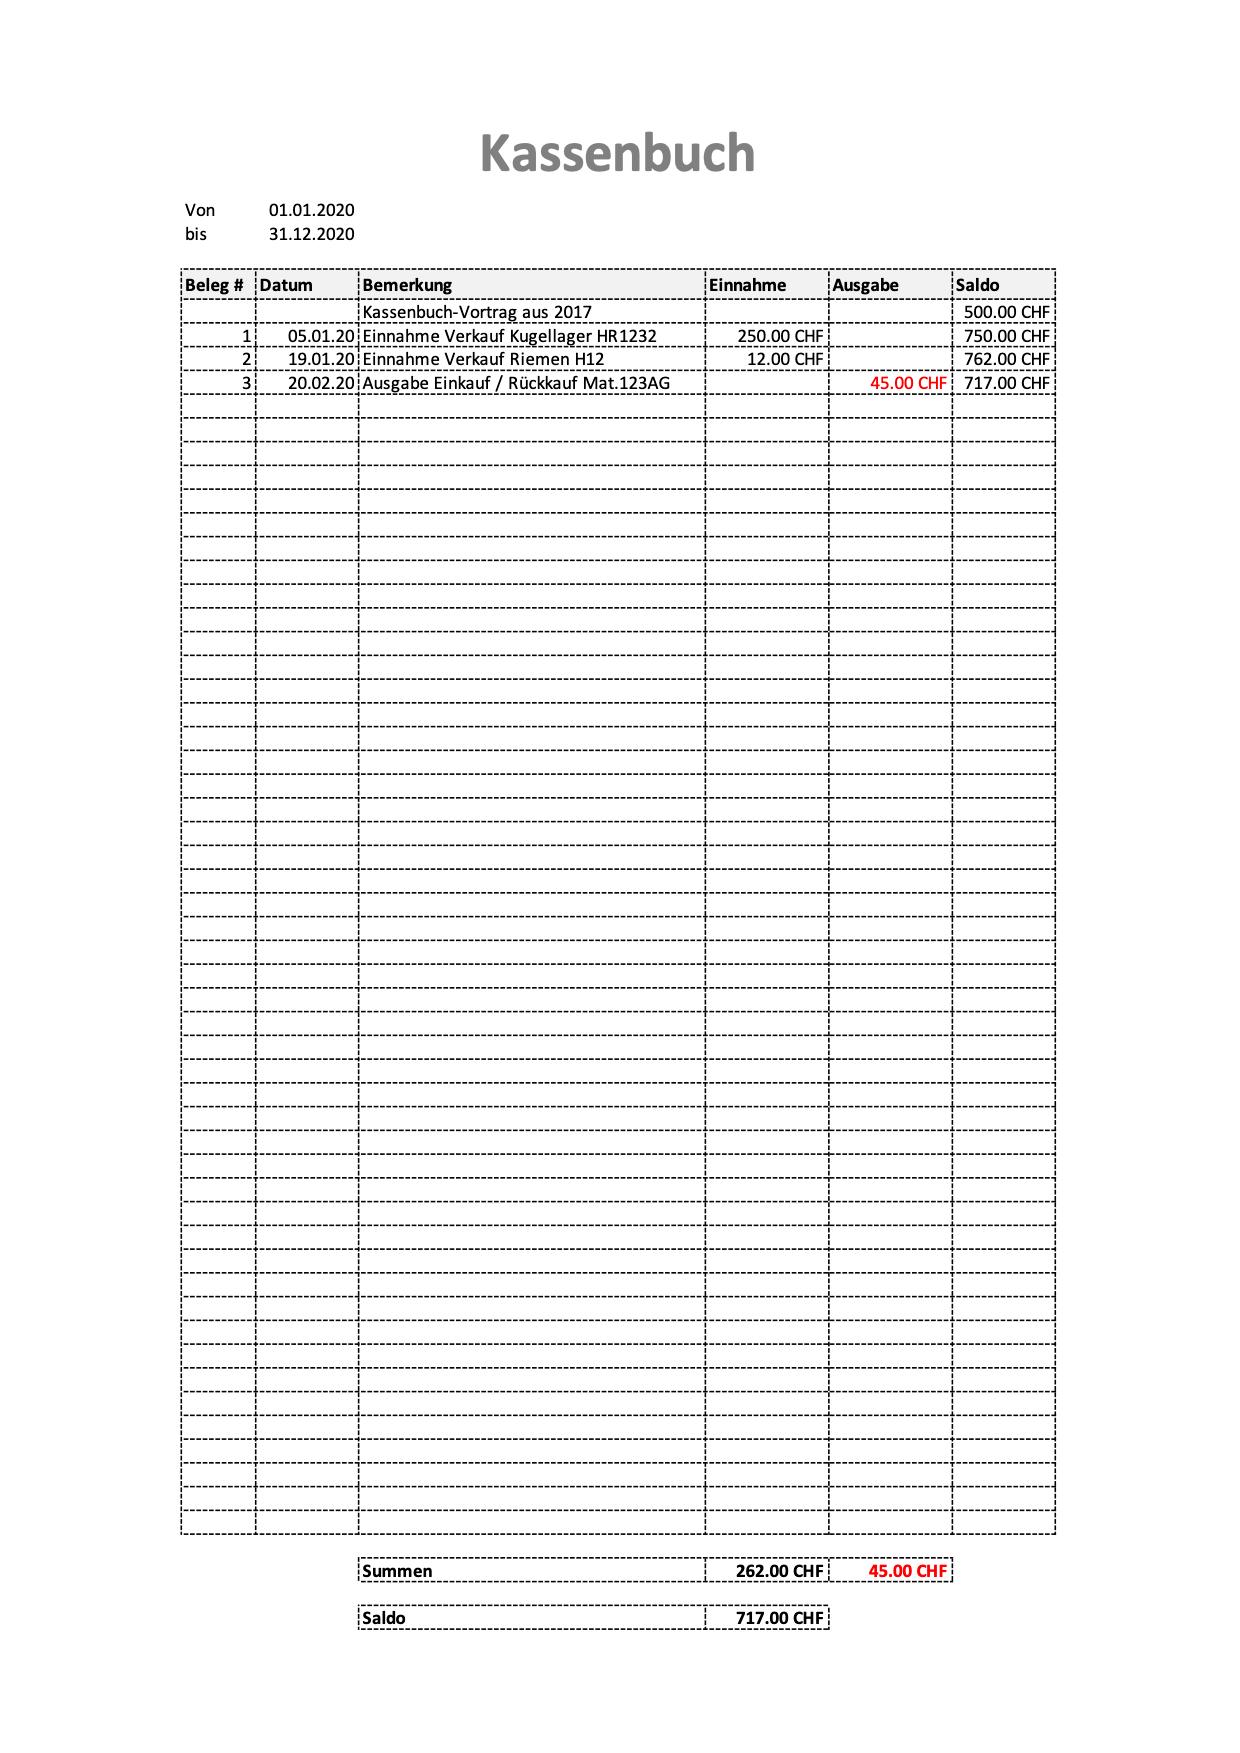 Das Ordnungsgemasse Kassenbuch So Geht S 12